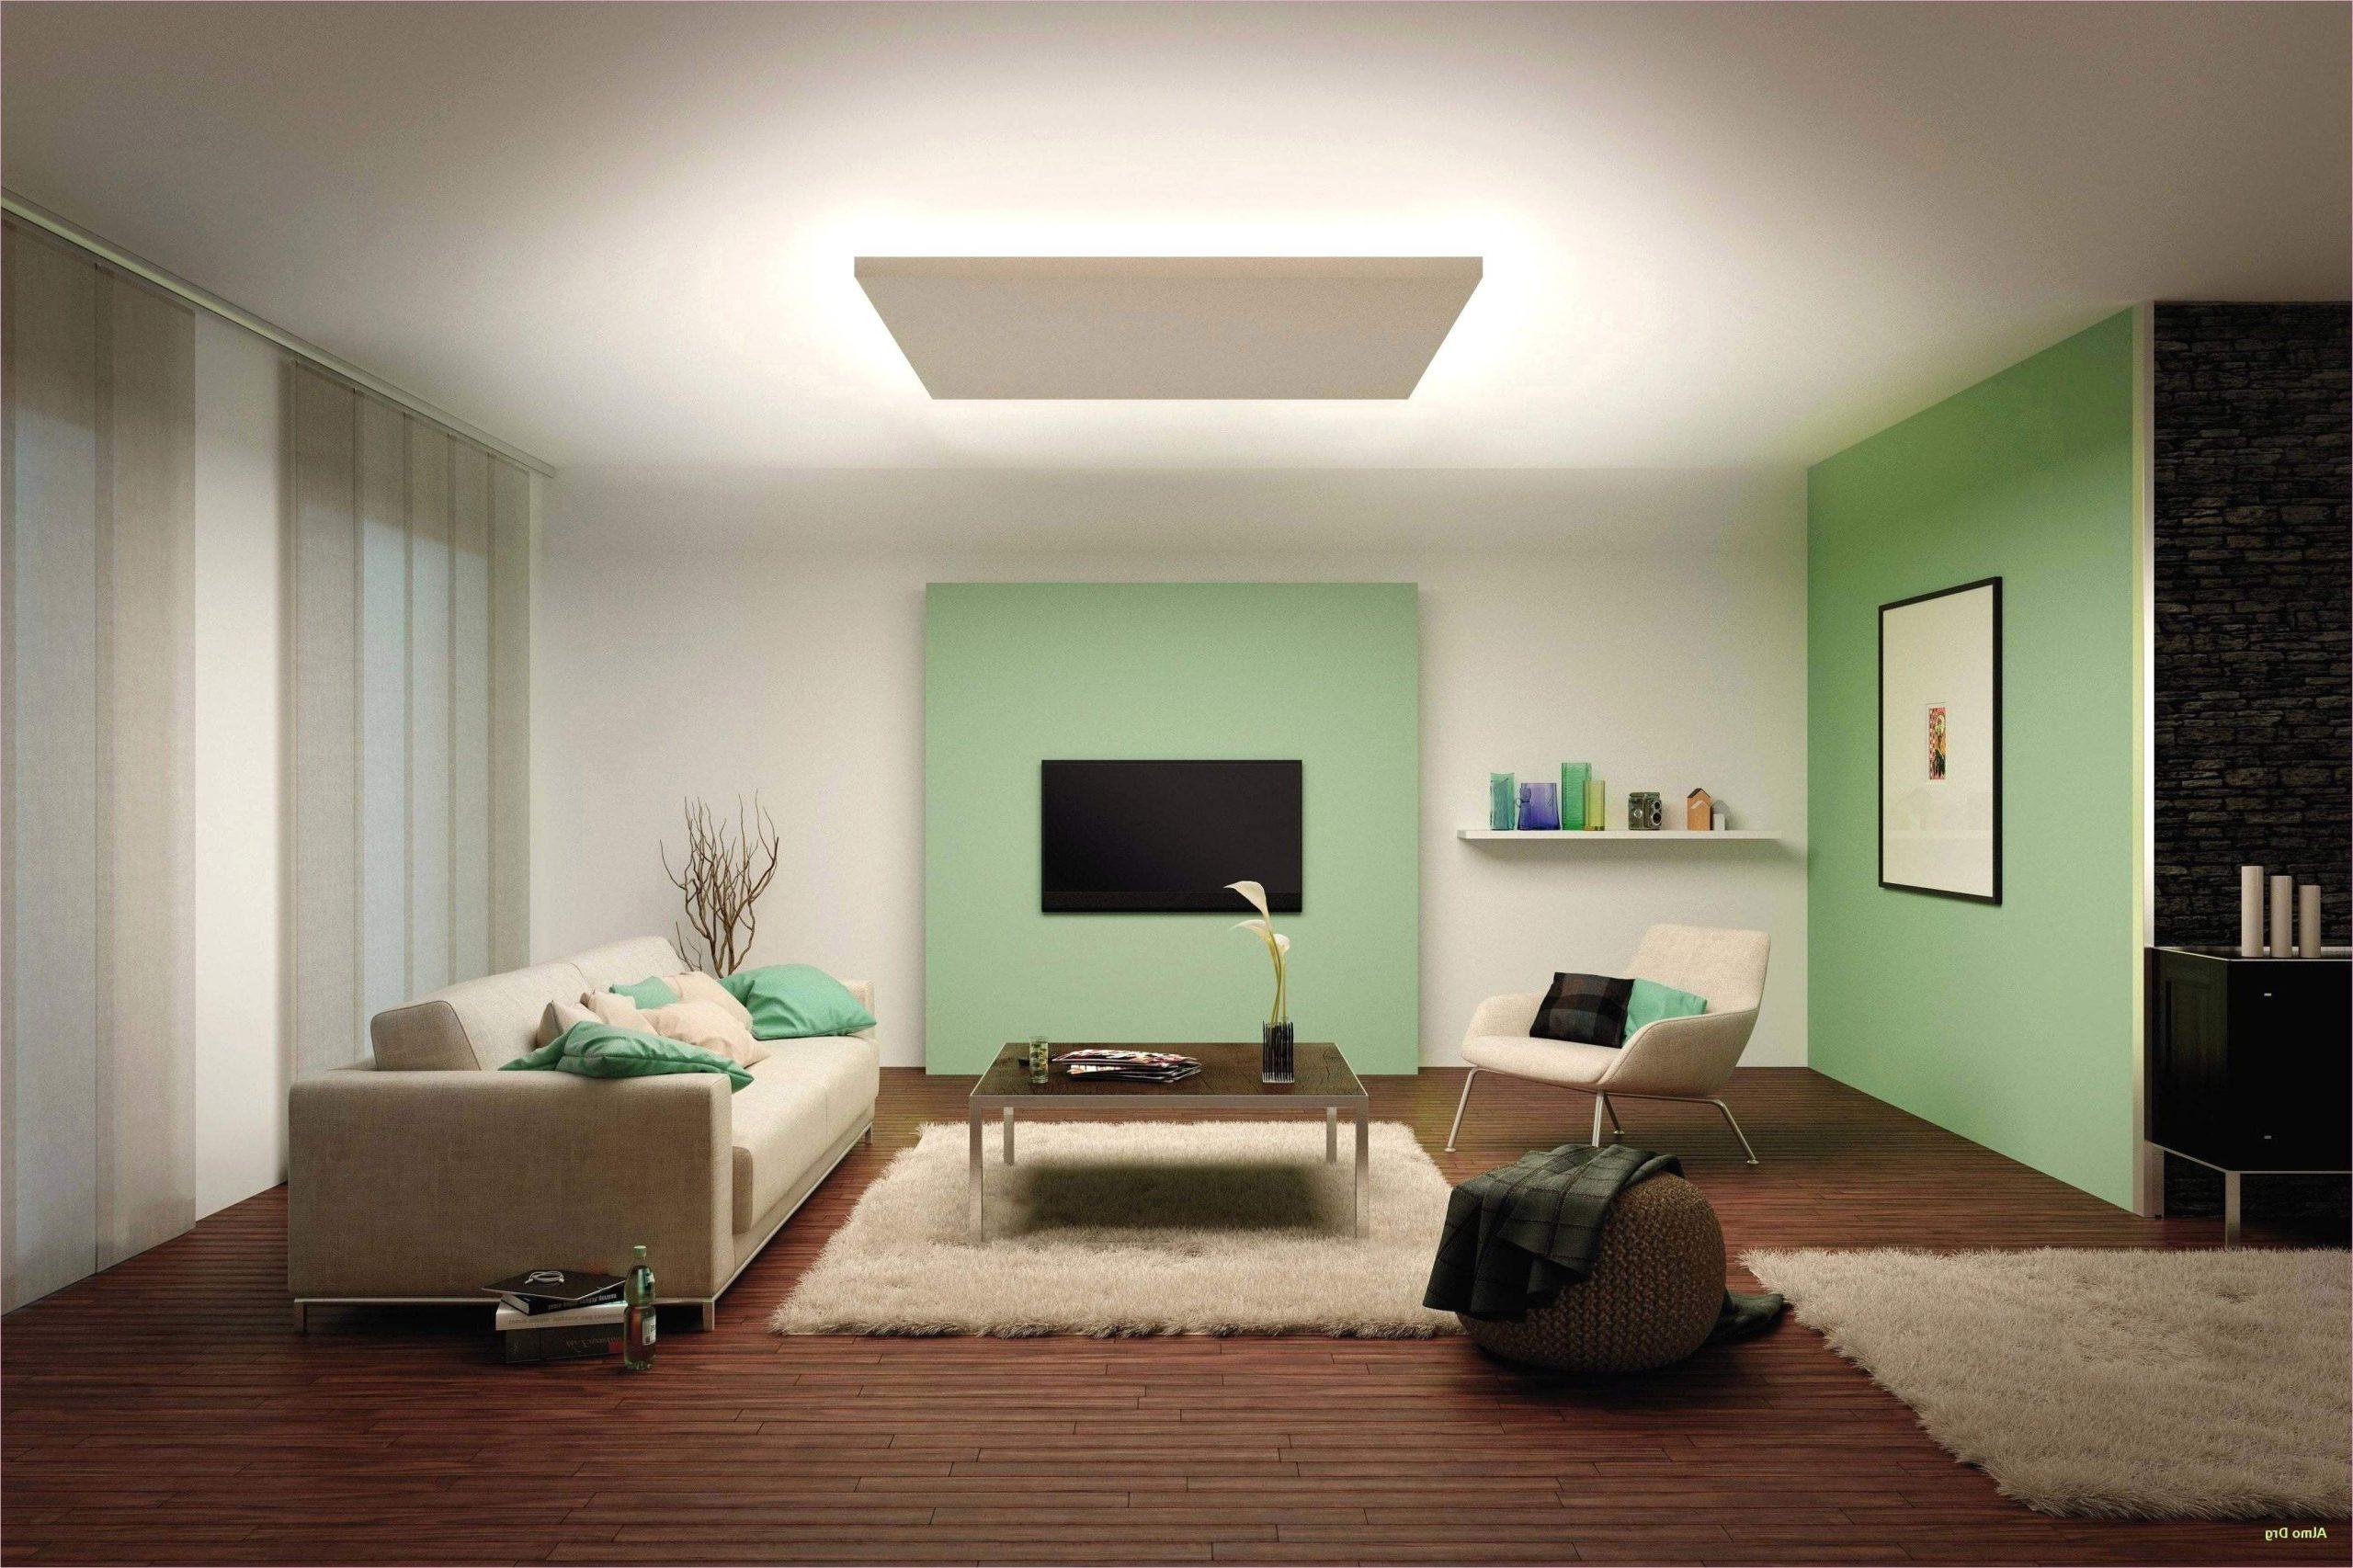 Full Size of Indirekte Beleuchtung Wohnzimmer Led Indirekte Beleuchtung Wohnzimmer Boden Led Indirekte Beleuchtung Fürs Wohnzimmer Indirekte Beleuchtung Im Wohnzimmer Wohnzimmer Indirekte Beleuchtung Wohnzimmer